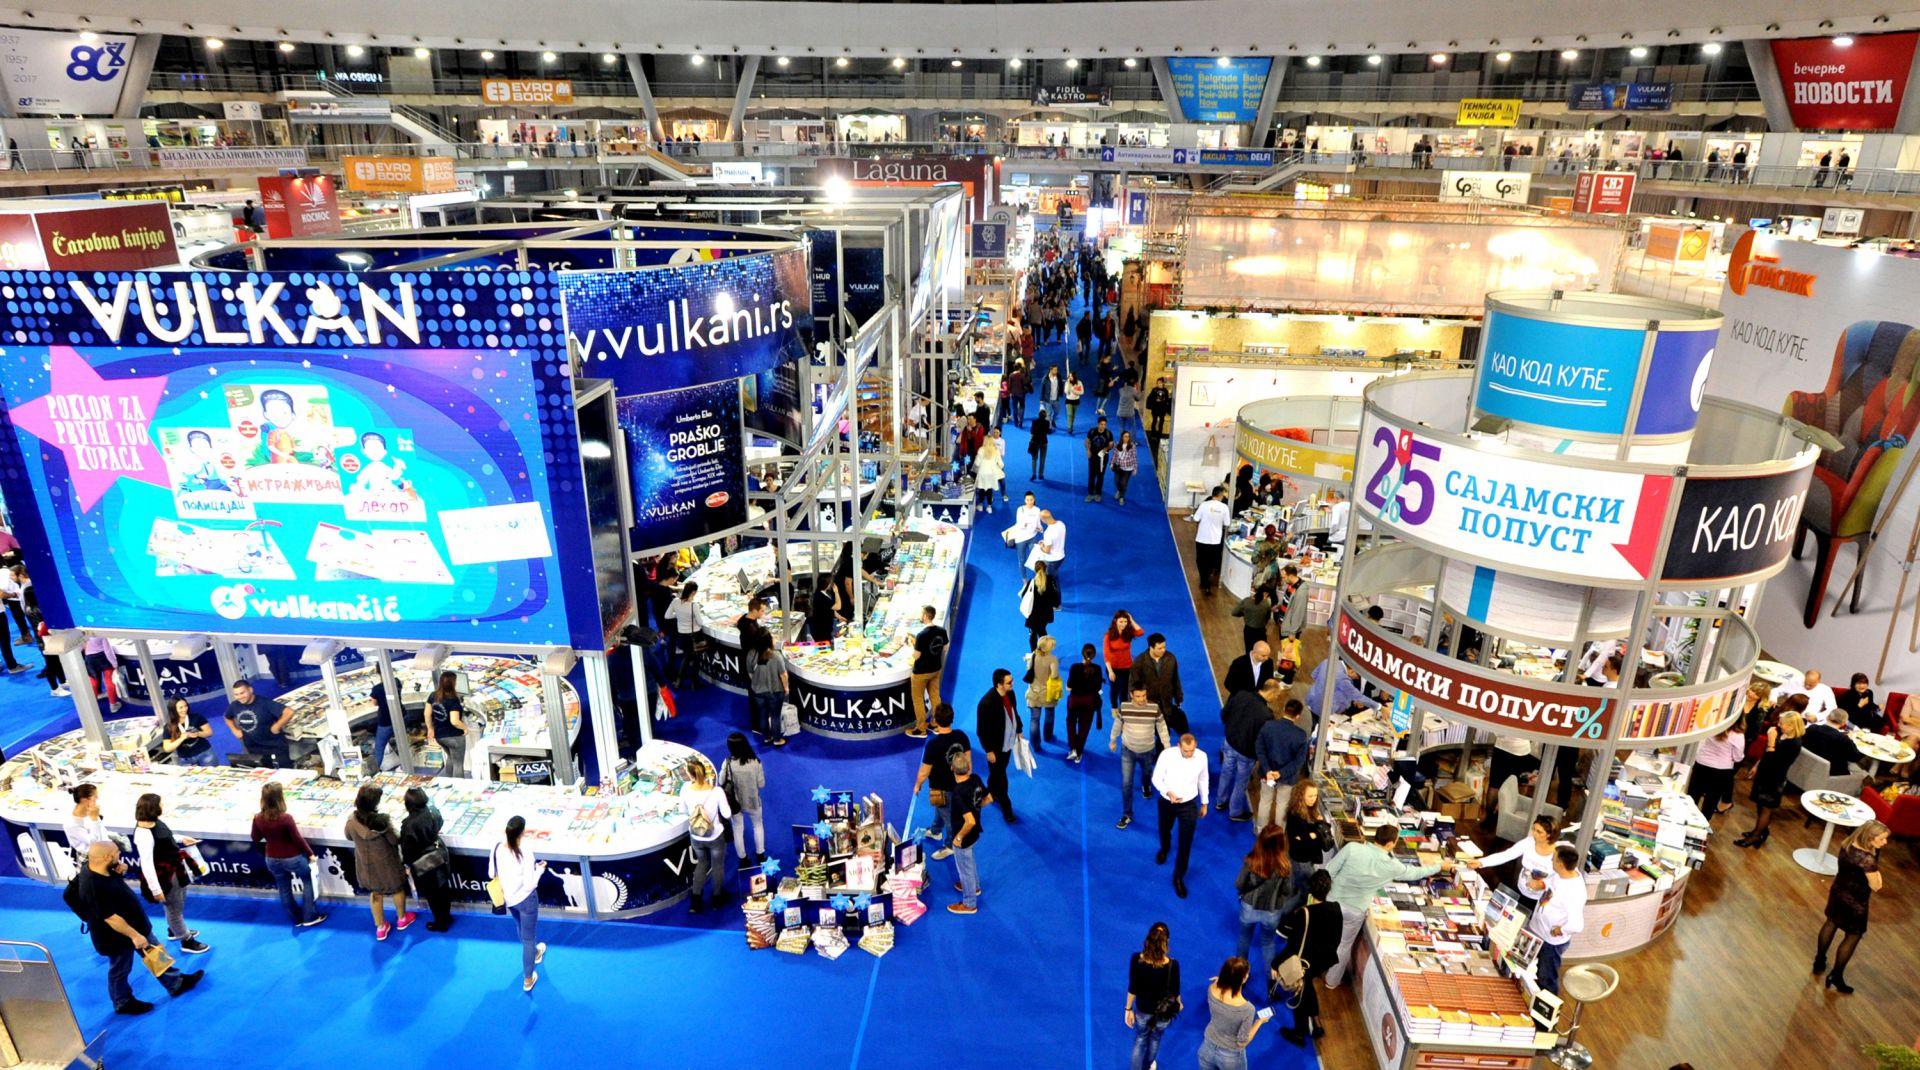 BEOGRAD Otvoren 62. međunarodni sajam knjiga